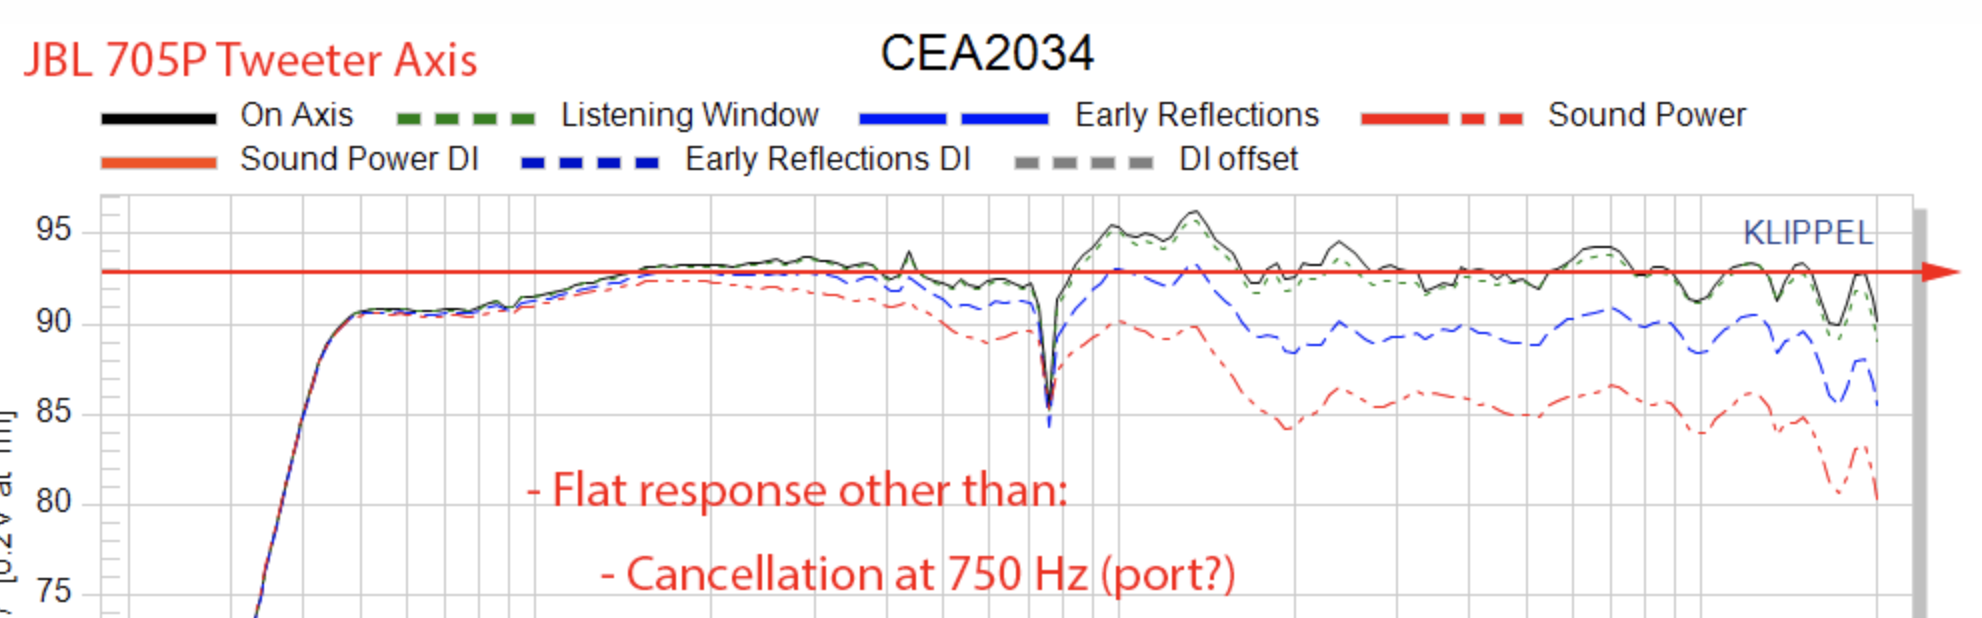 Screen Shot 2020-03-13 at 6.35.12 PM.png